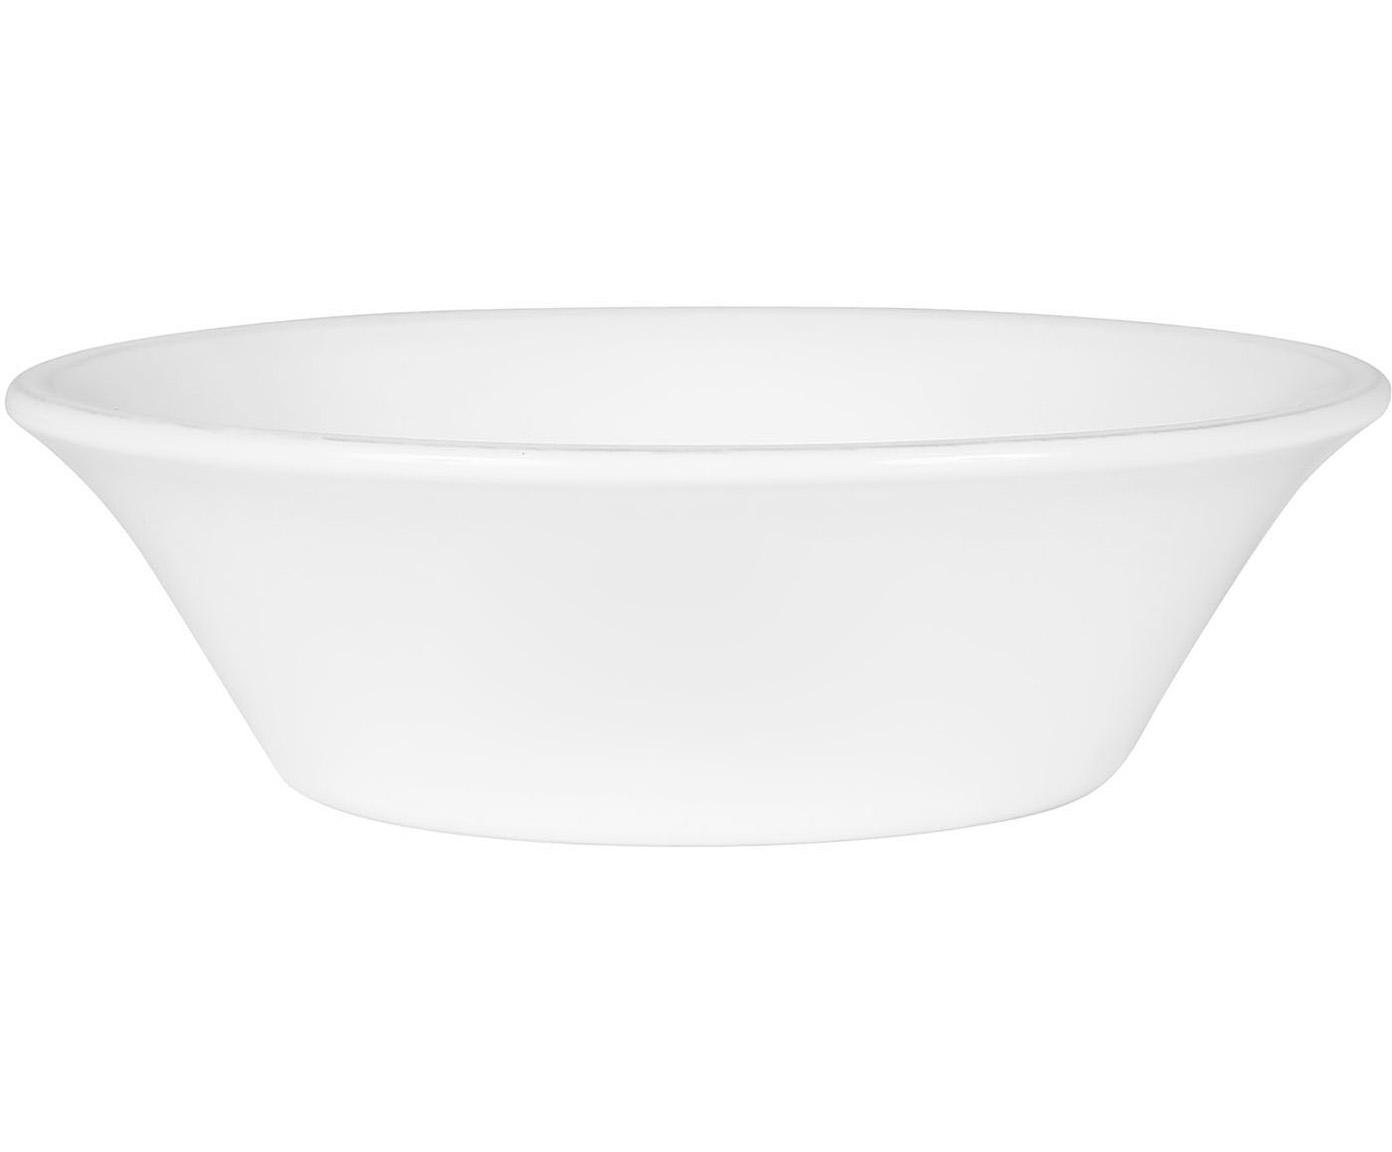 Ciotola bianca Constance 2 pz, Terracotta, Bianco, Ø 19 x Alt. 5 cm